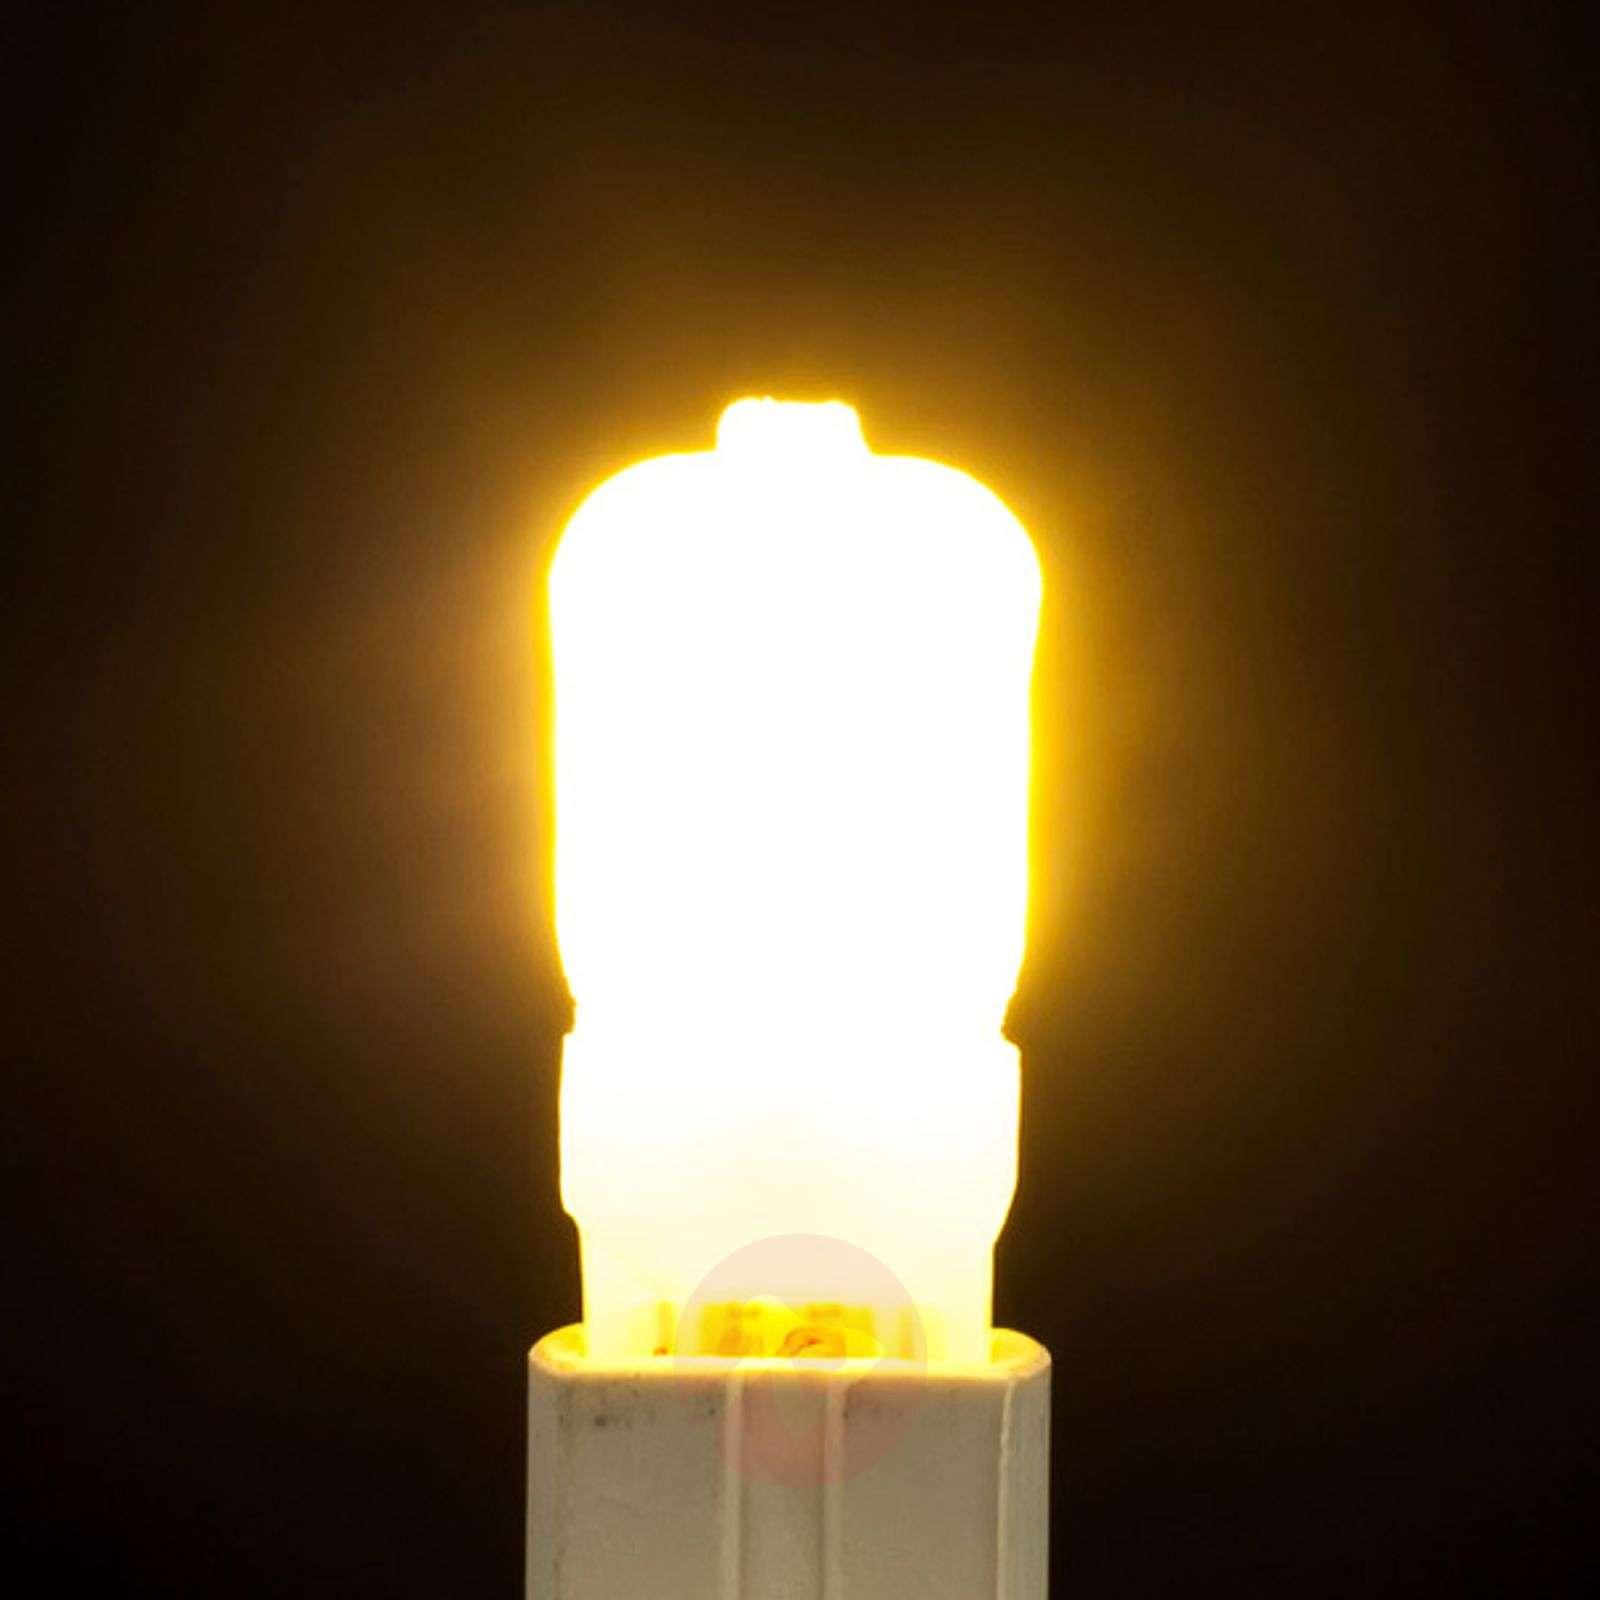 LED-nastakantalamppu G9 2,5W 830 opaali-9646005-02